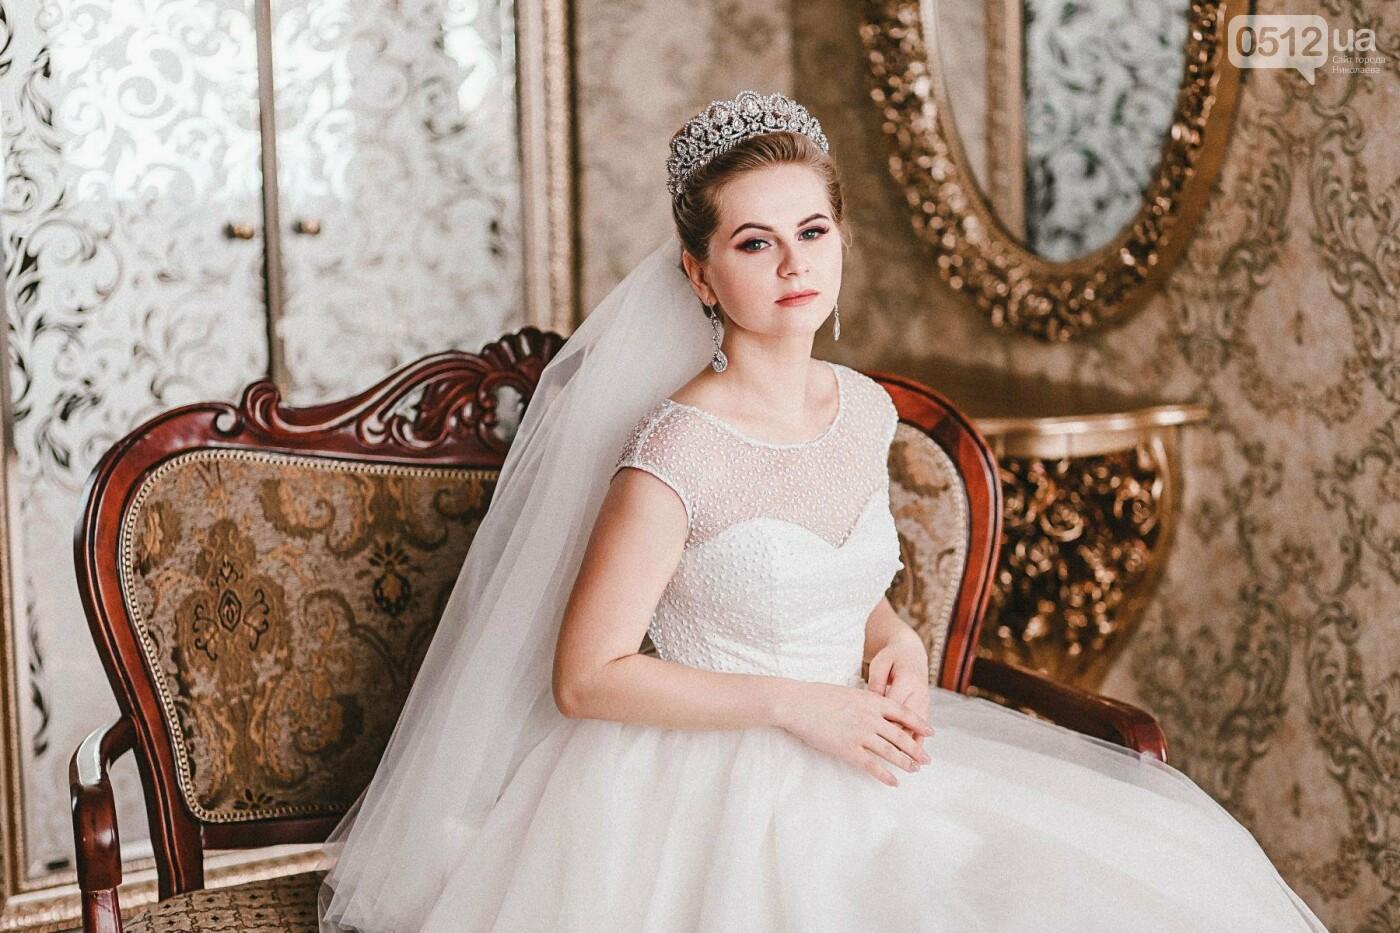 Фотограф Юлия Боярина